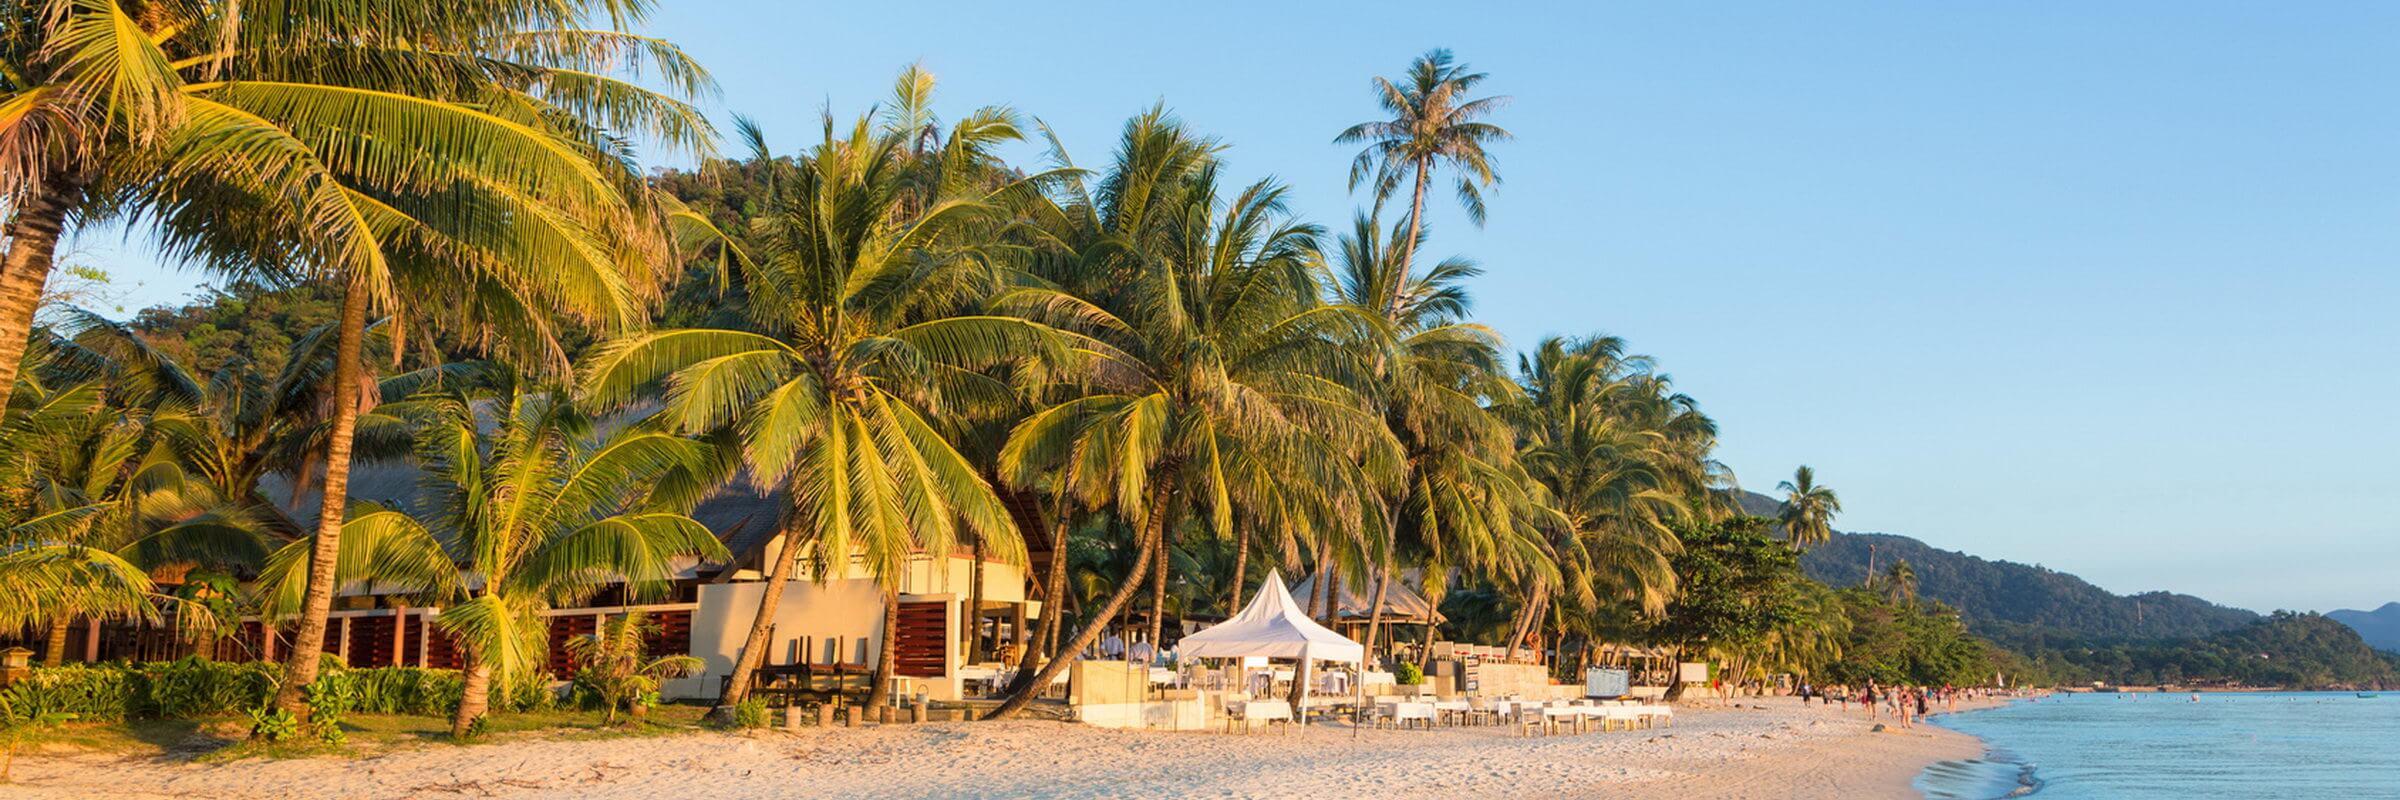 Obwohl der White Sand Beach touristisch gut erschlossen ist und über einige Unterkünfte verfügt, zählt er dennoch zu den ruhigeren Stränden der Insel.